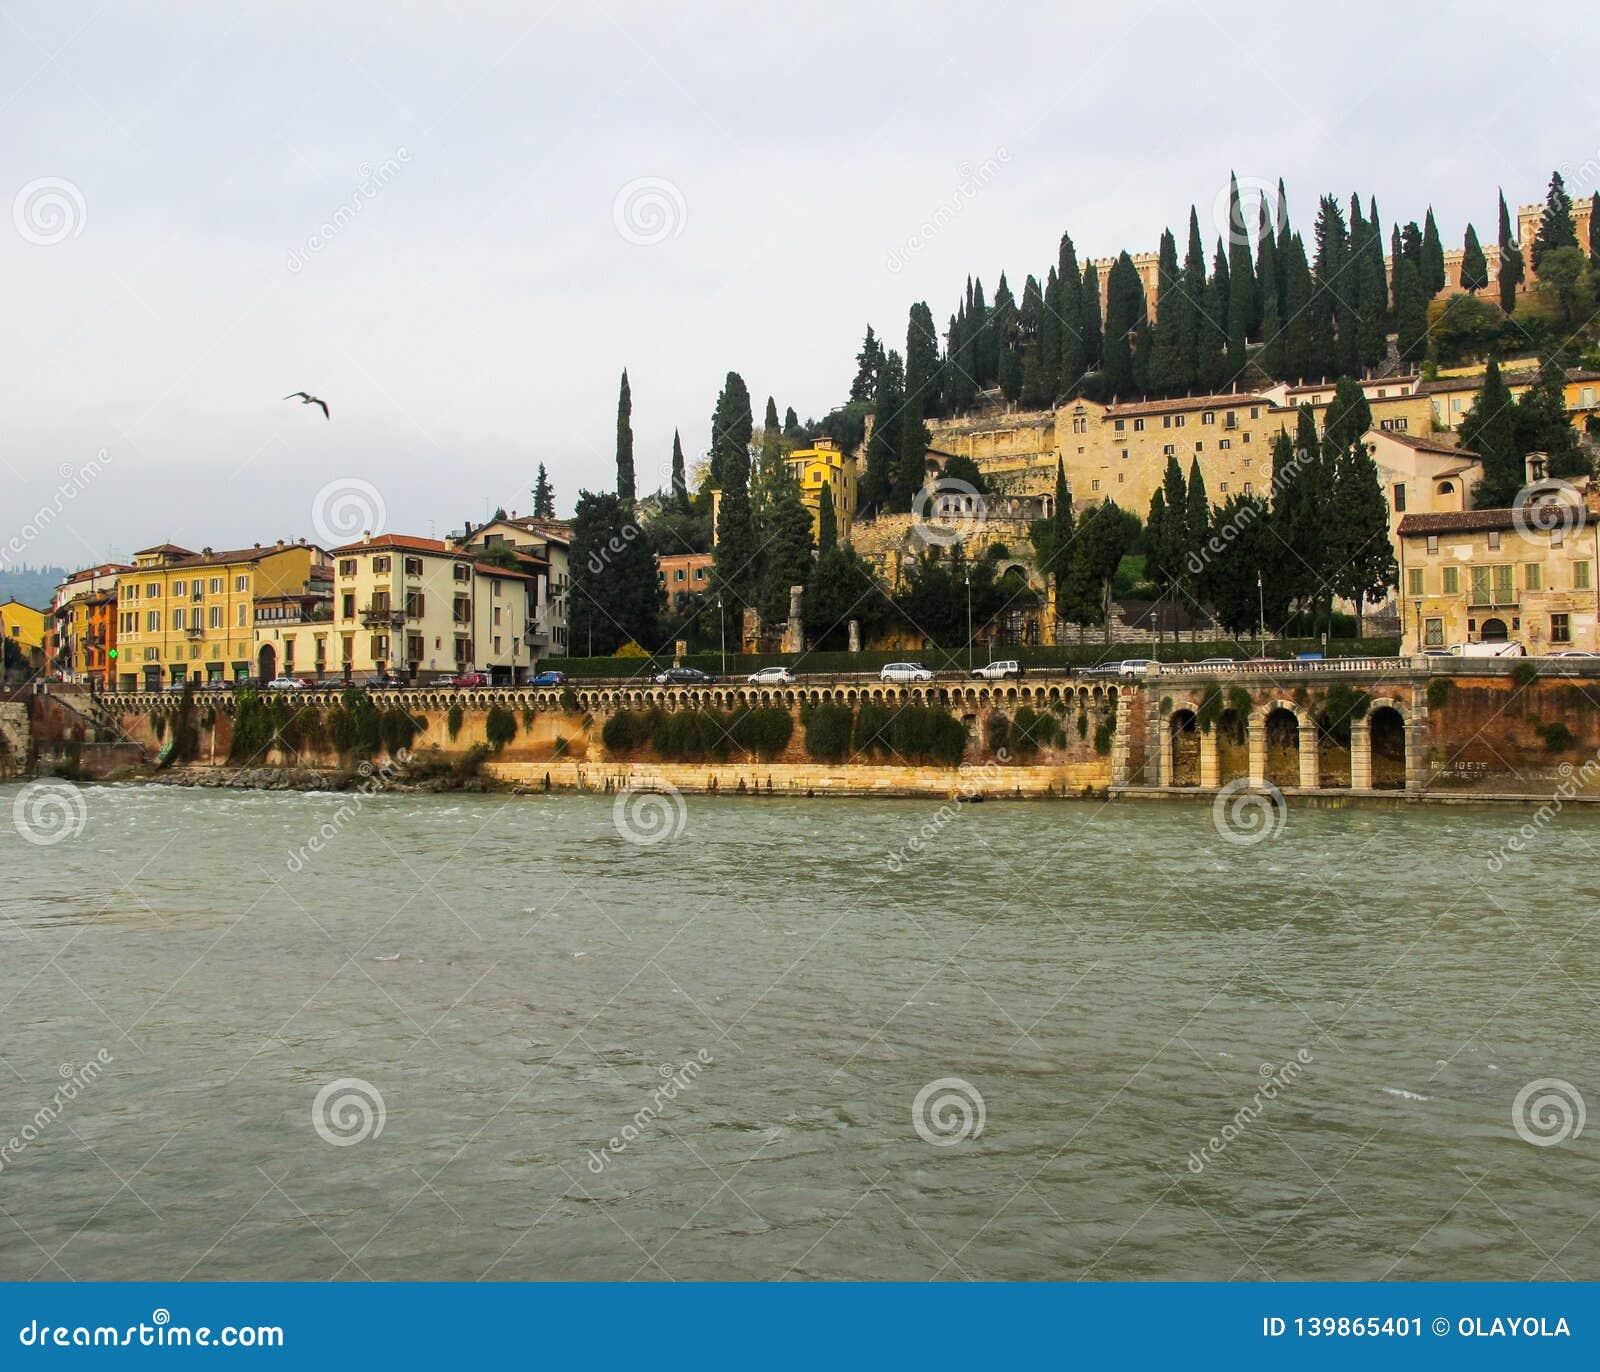 Ideia bonita do rio do castelo, do Adige de San Pietro StPeter do castelo e da arquitetura da cidade de Verona, Itália